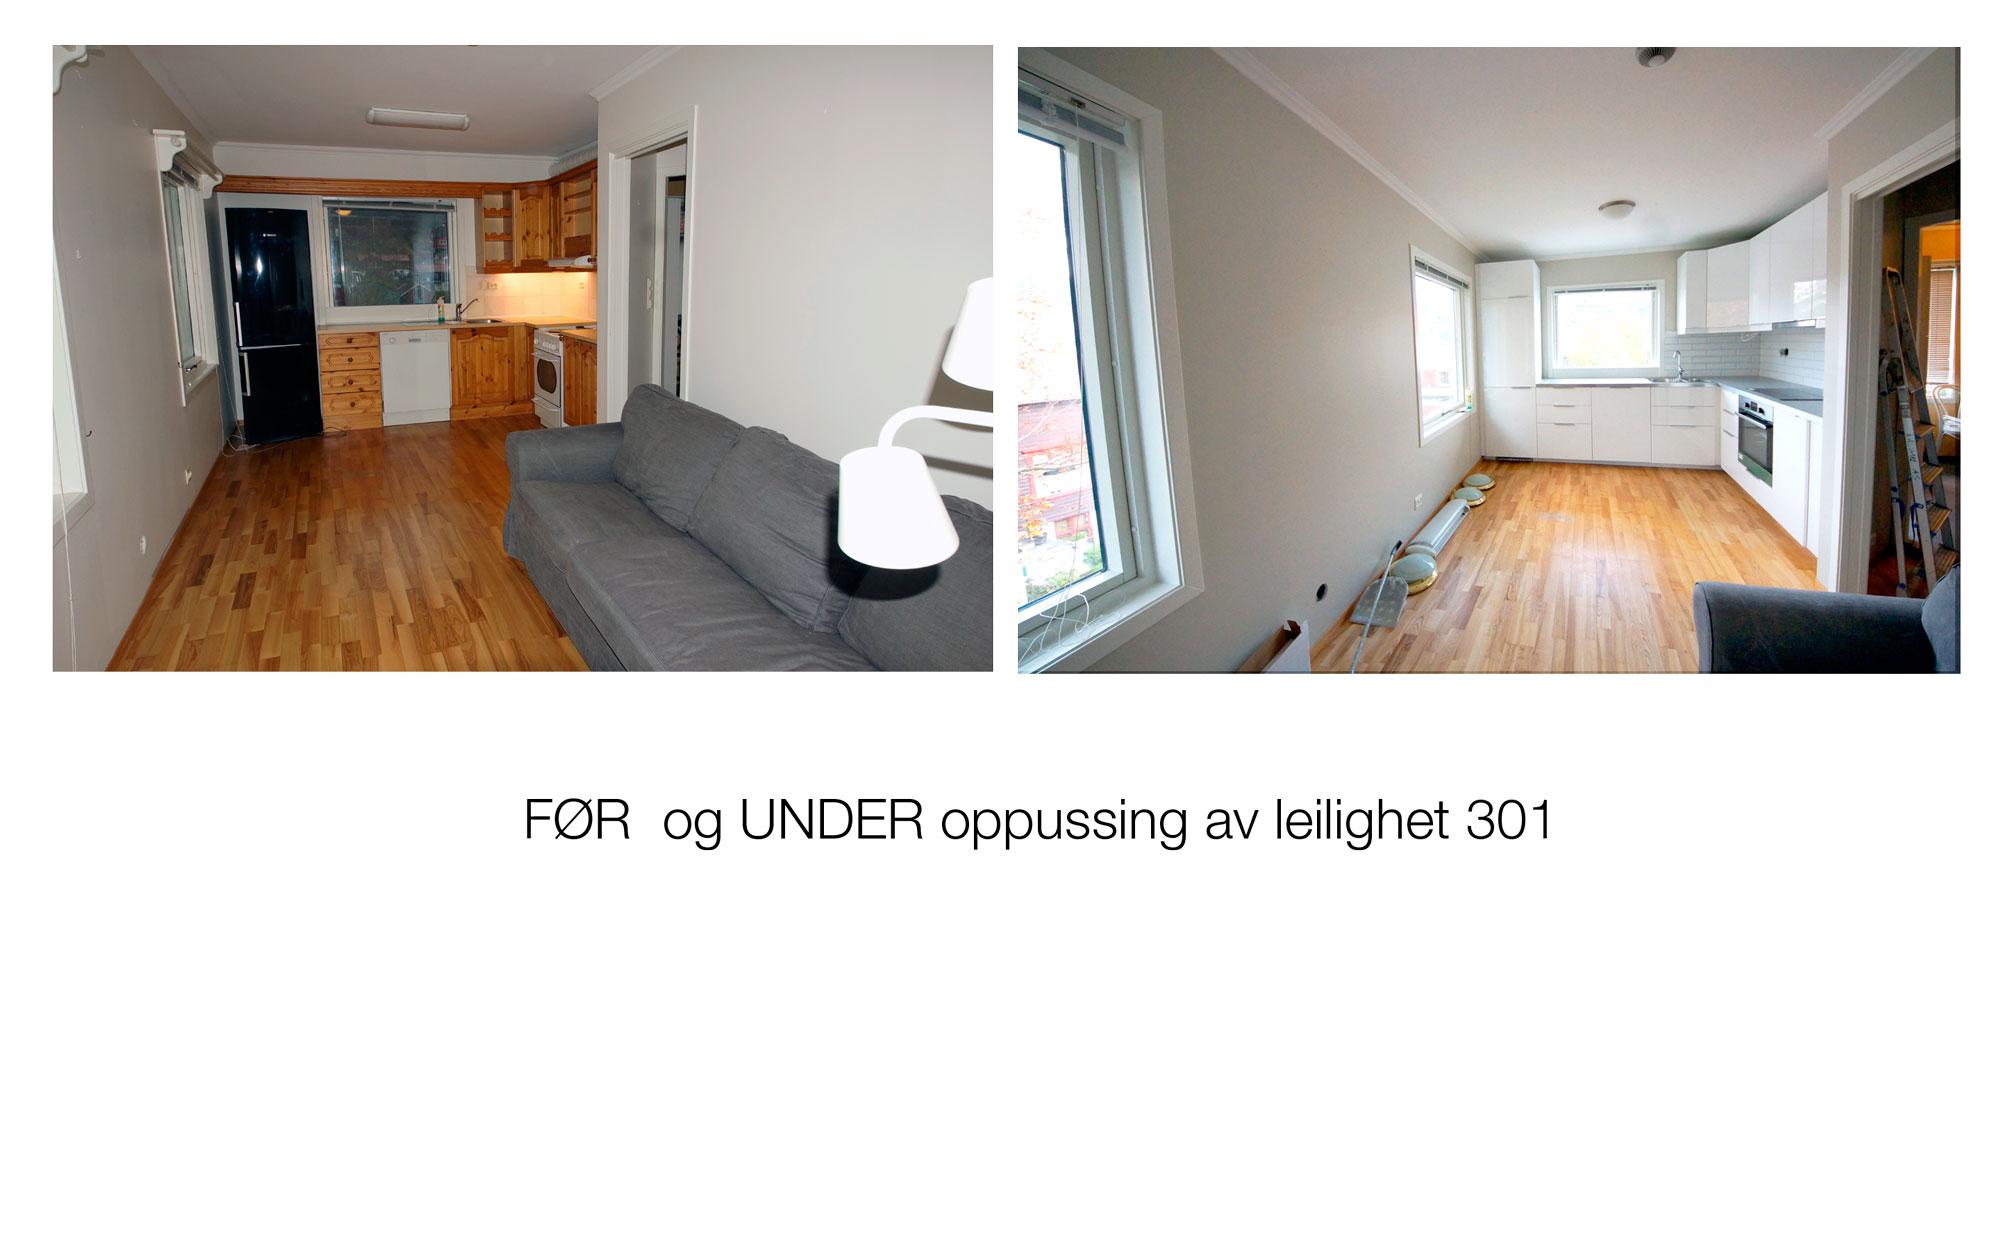 Før og under oppussing av leil 301